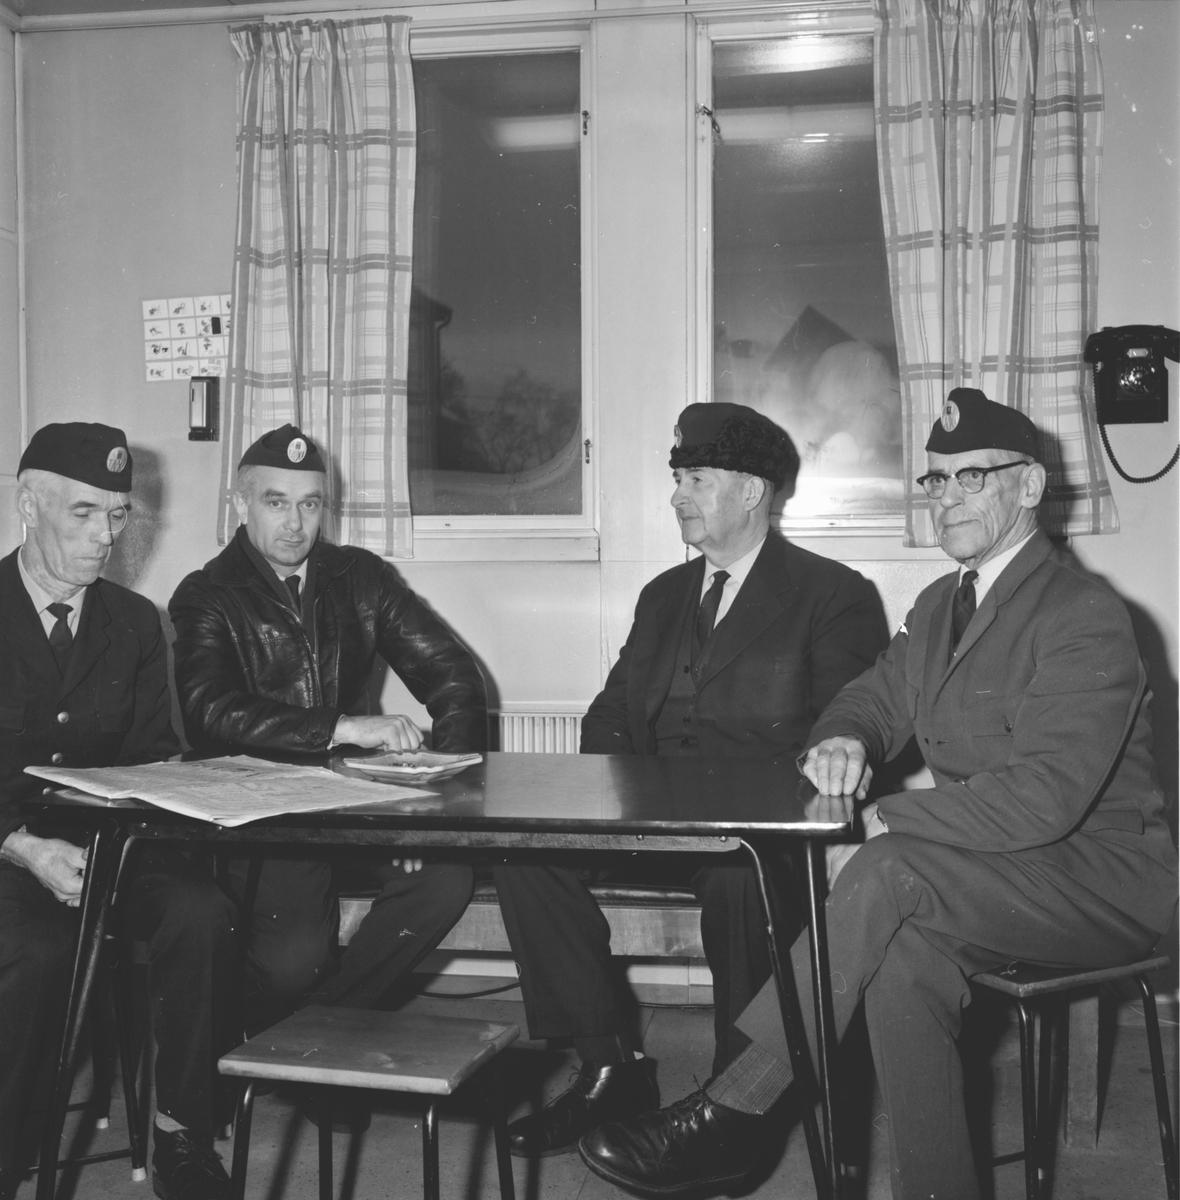 Taxi, Bollnäs,Arbrå, 3 Jan 1965